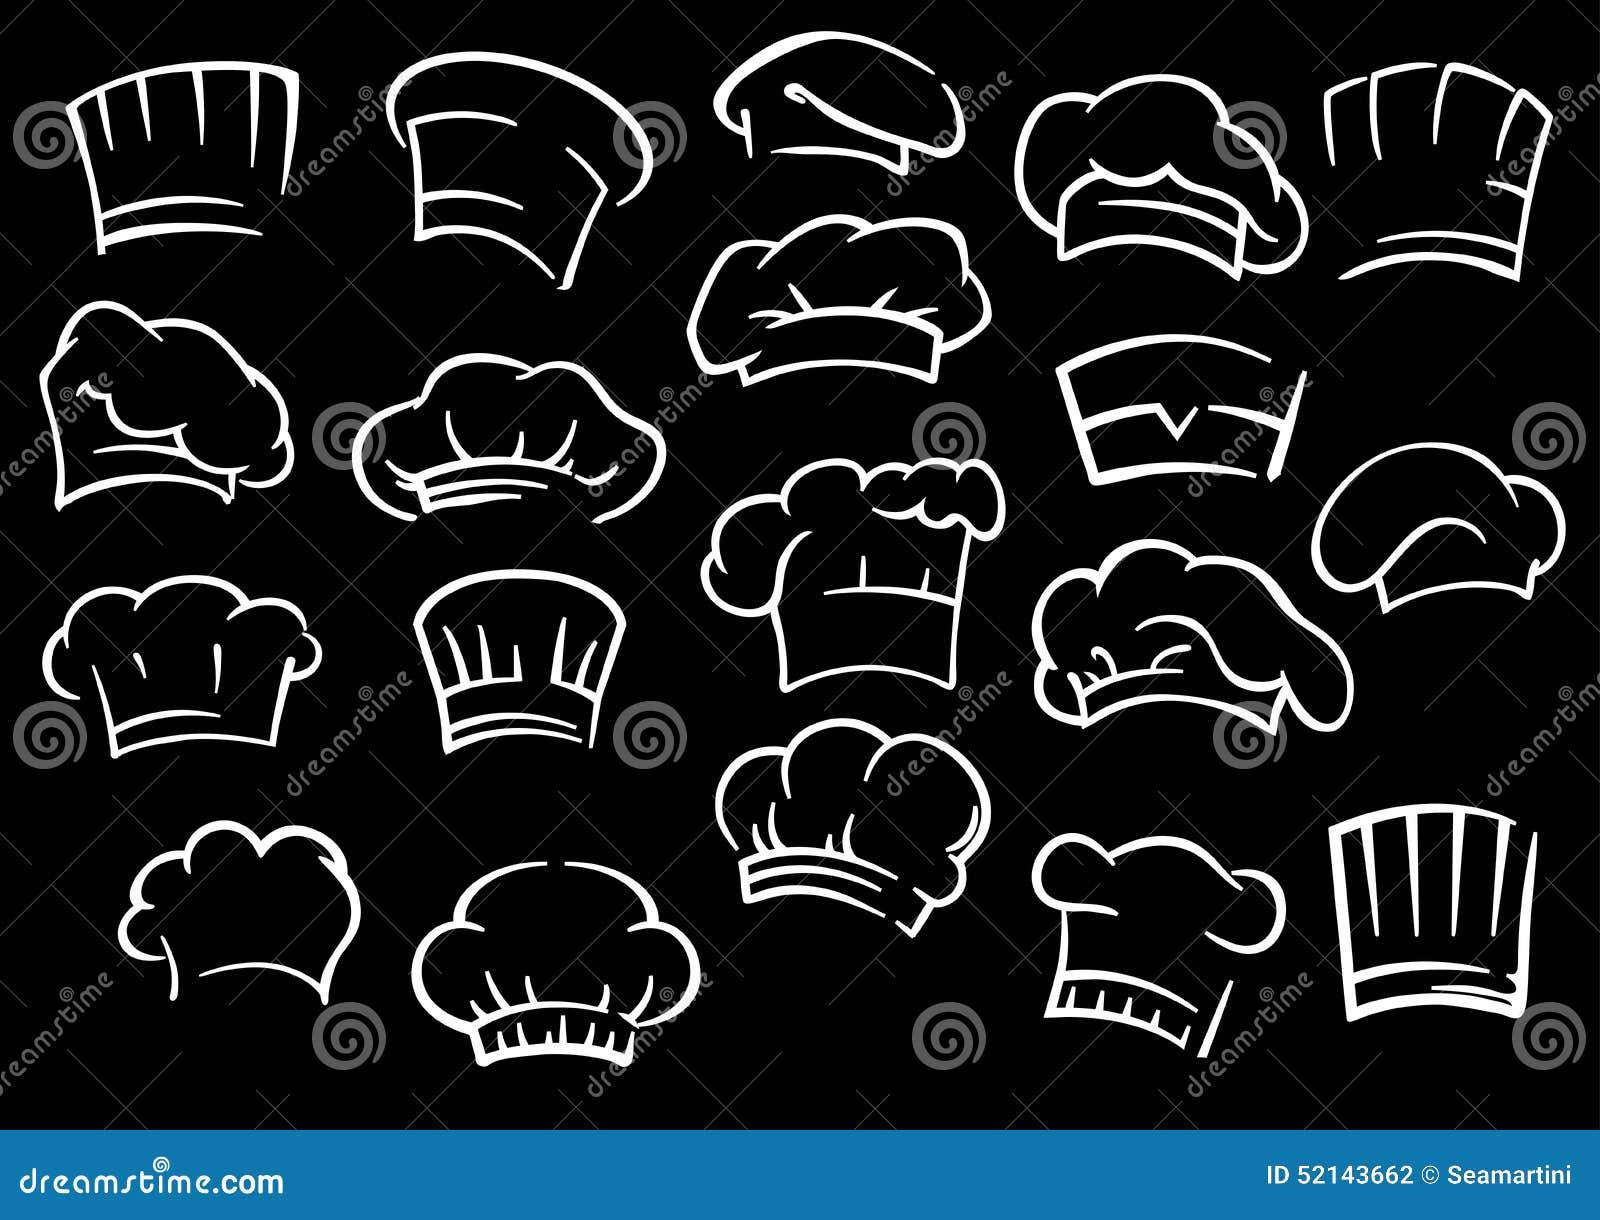 Toques o cappelli tradizionali del cuoco unico nello stile di schizzo del  profilo isolati su fondo nero adatto per progettazione del menu del caffè o  del ... 4d76a481f0ef